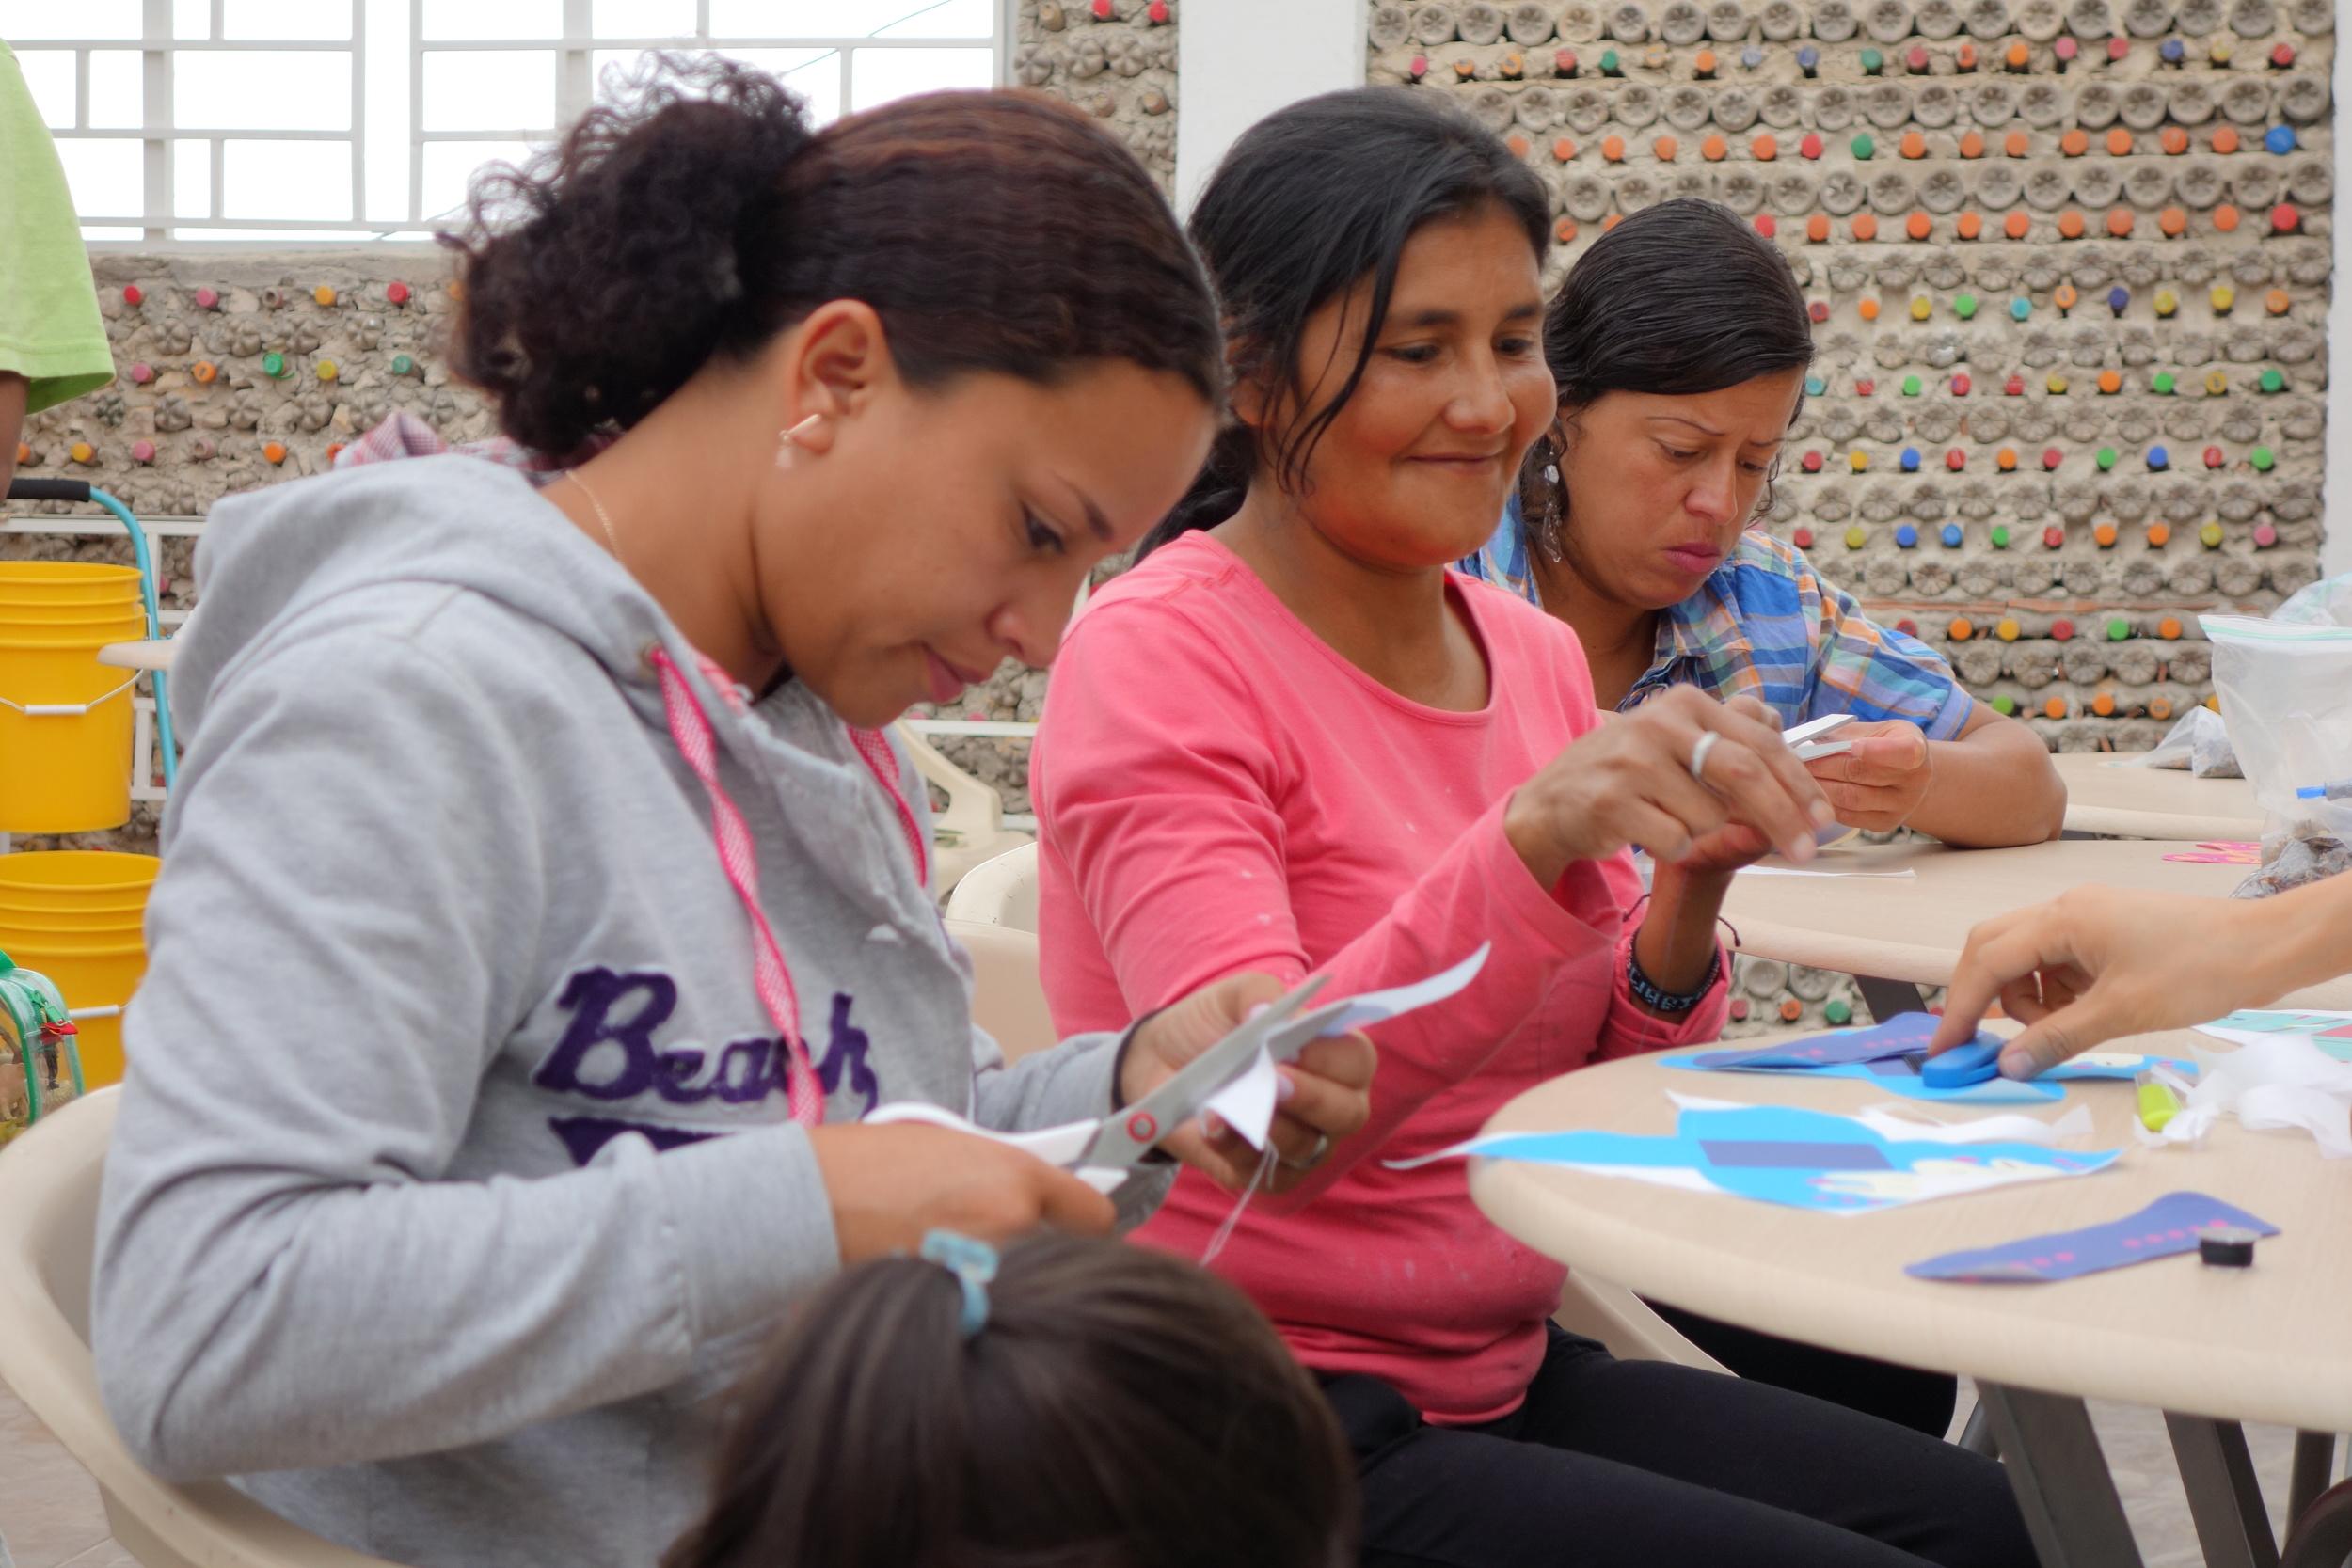 Mireya, Noemi, and Lida learn to sew conejos